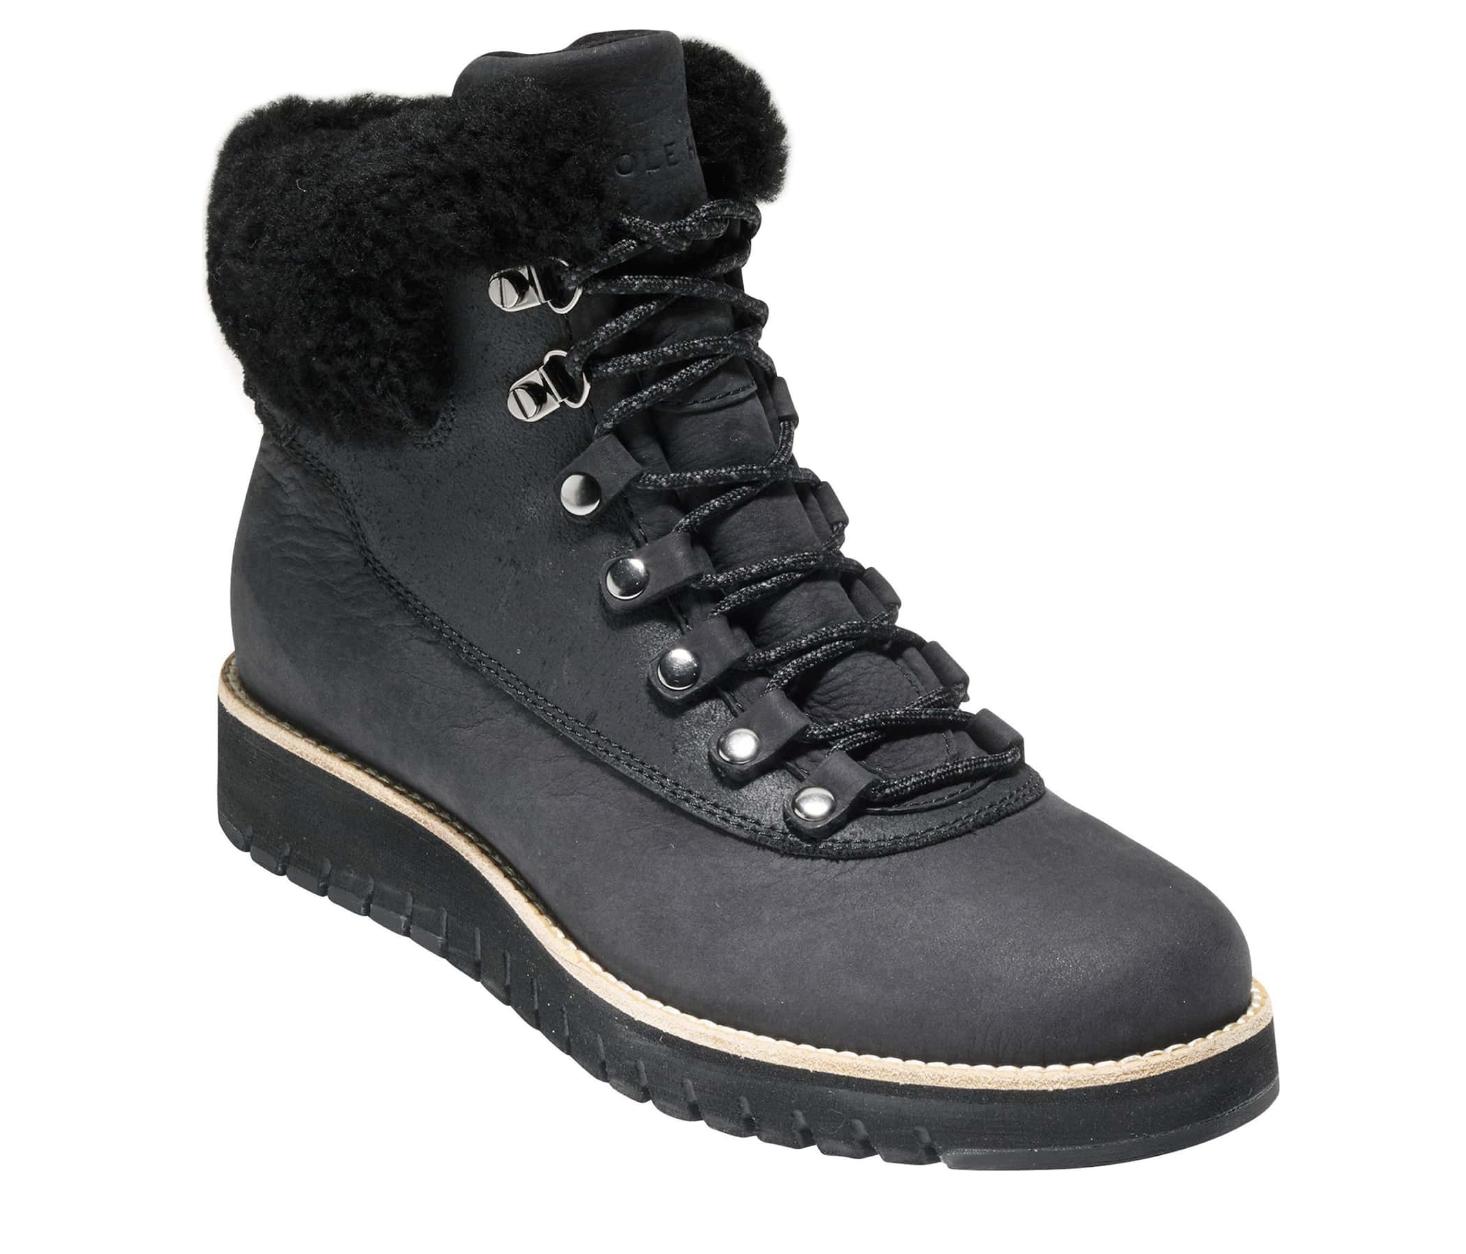 Cole Haan Waterproof Boot